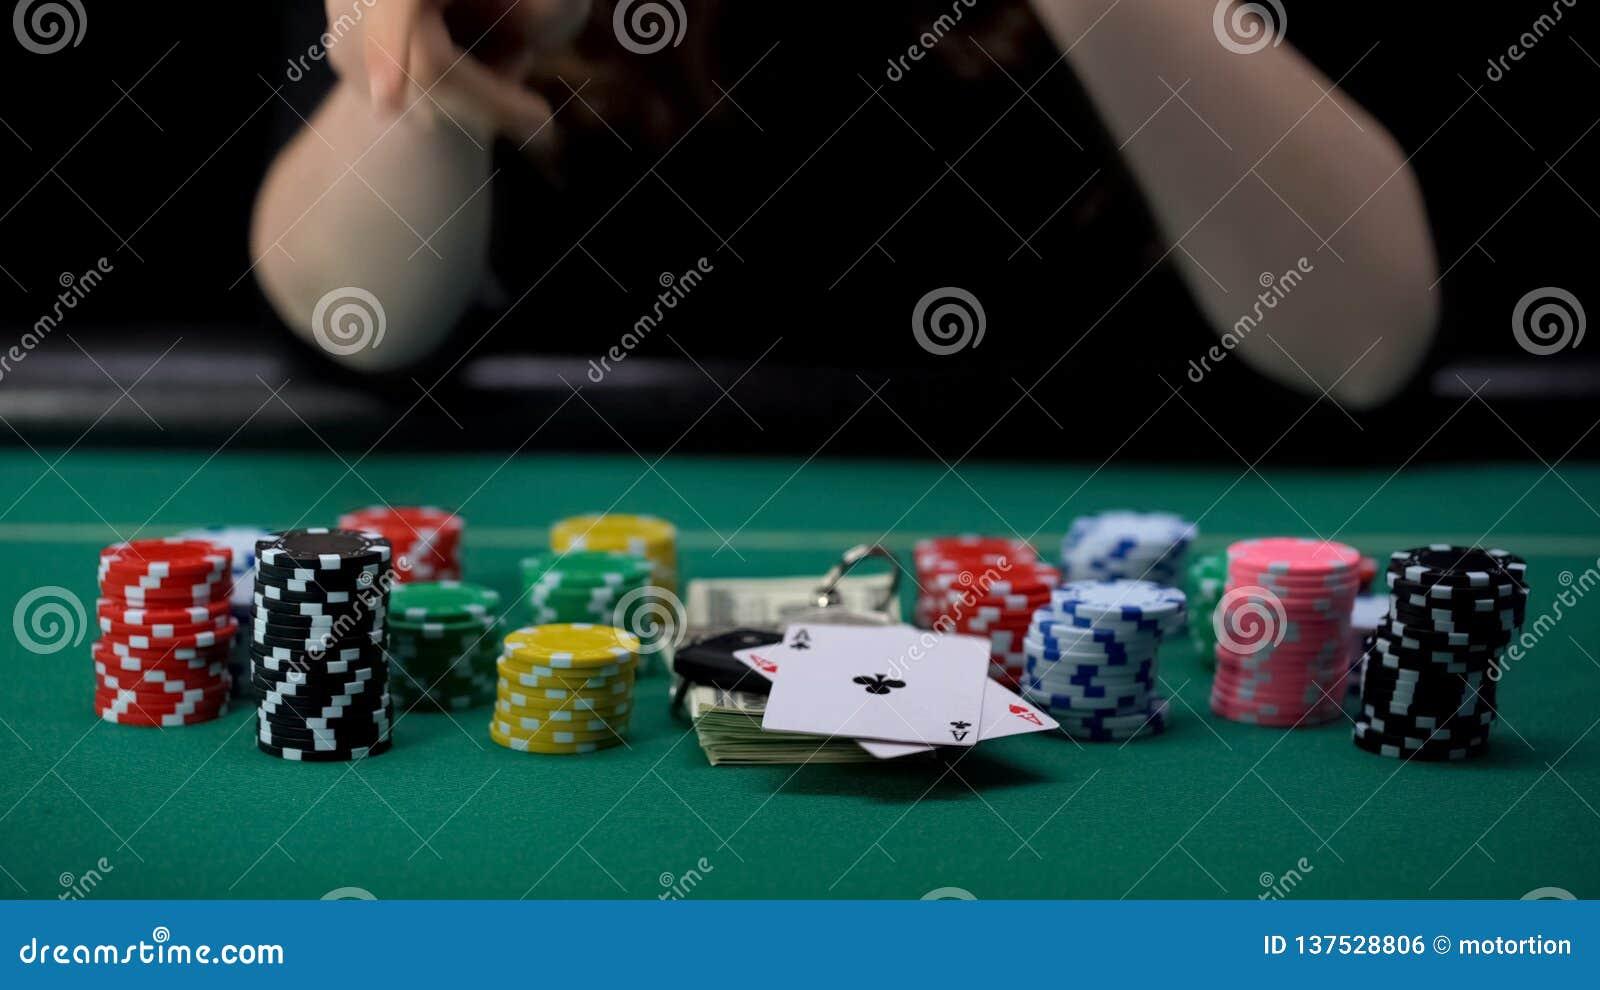 indecent poker girl games